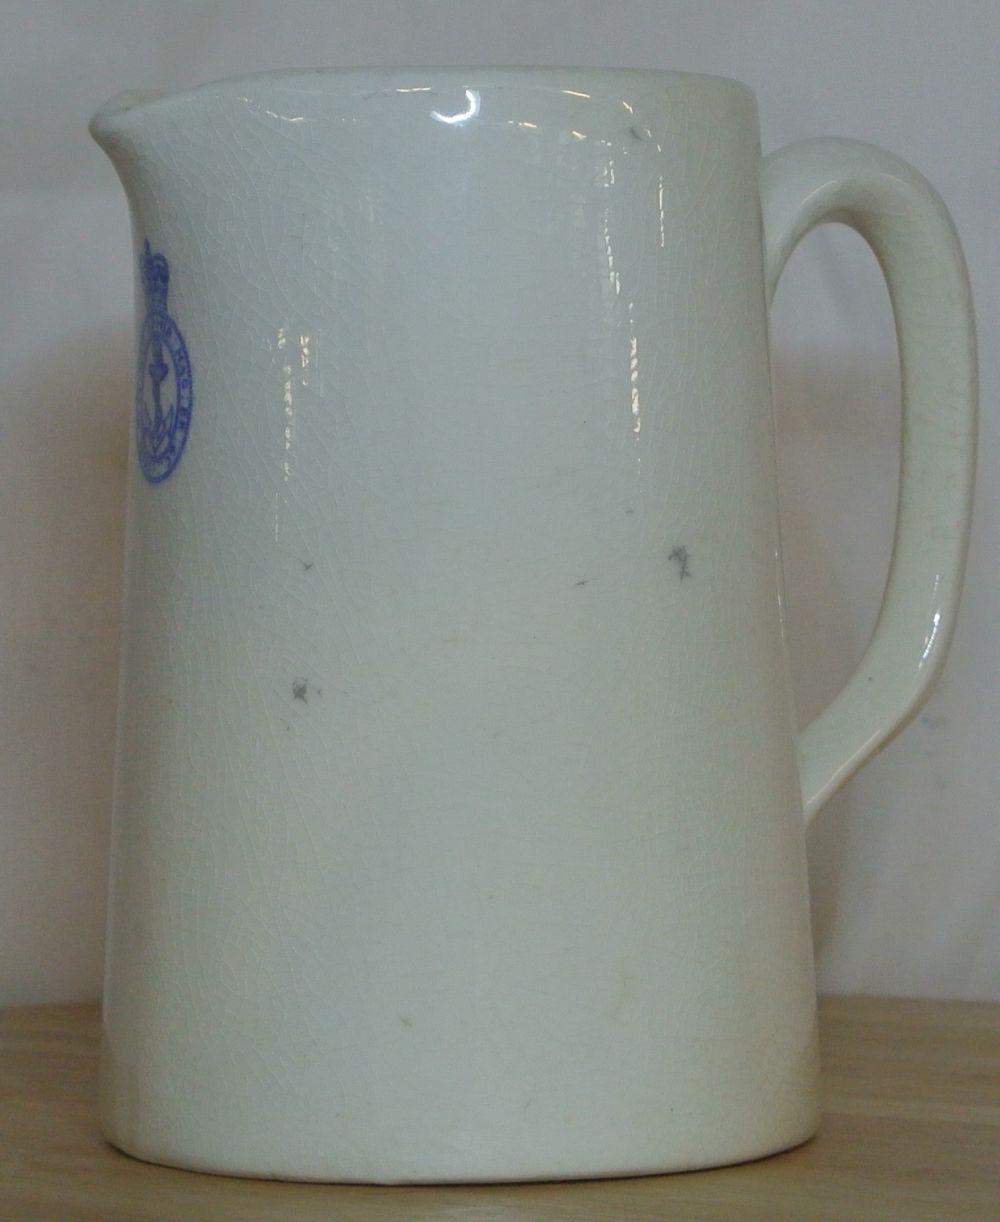 Lot 22: A vintage British Navy ceramic jug